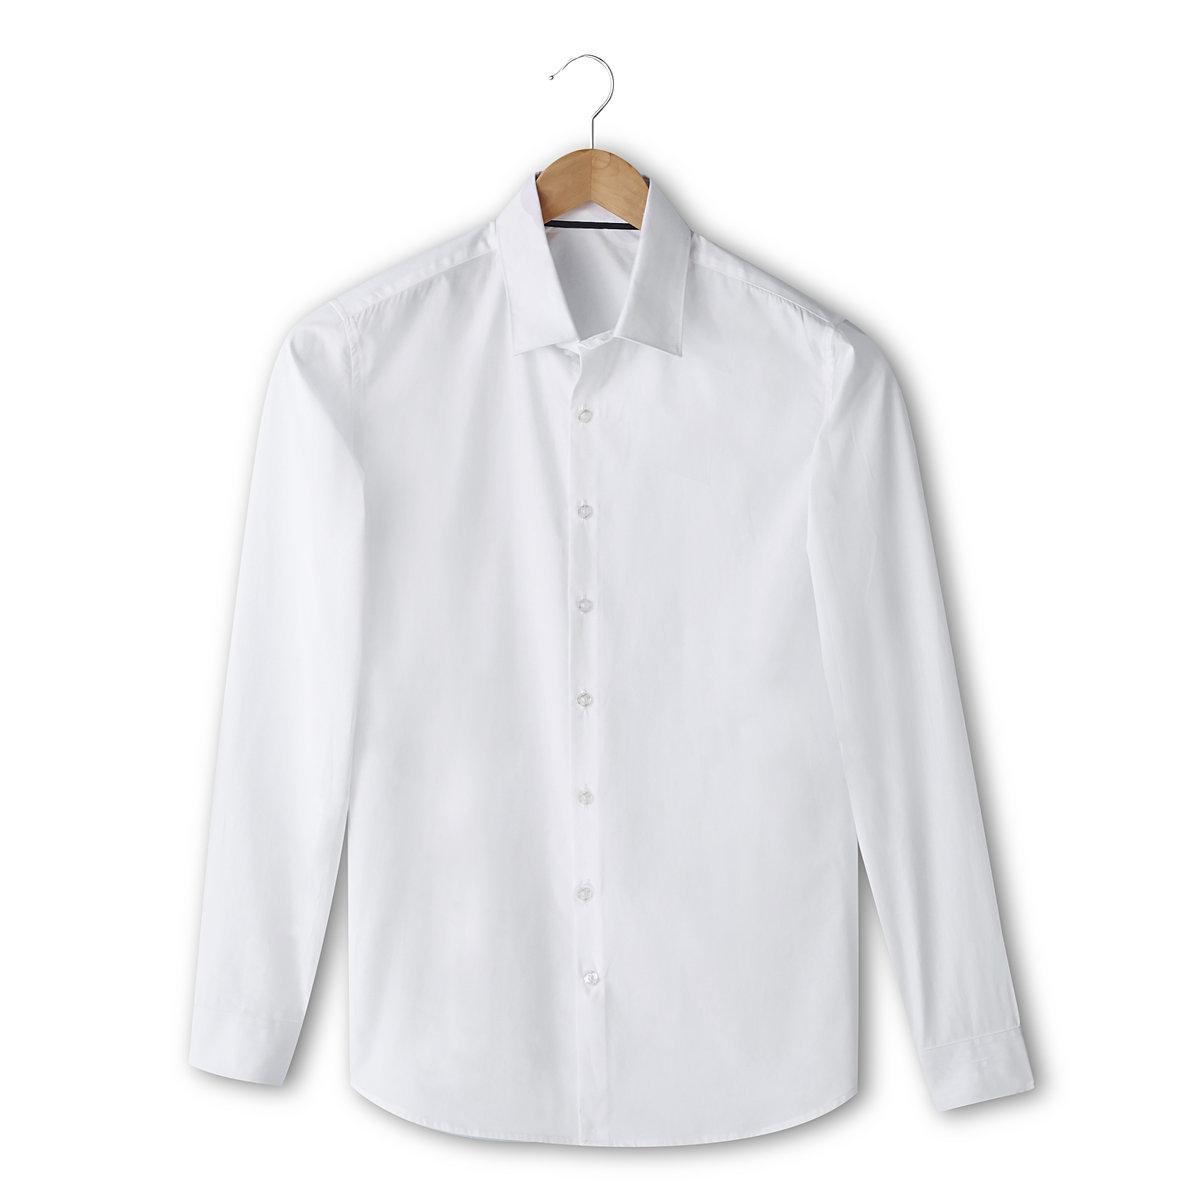 Рубашка однотонная с длинными рукавами, узкий покройРубашка с длинными рукавами R Essentiel. Узкий покрой (облегающий). 100% хлопка. Свободные уголки воротника с контрастной внутренней частью. Длина ок. 77 см.<br><br>Цвет: белый